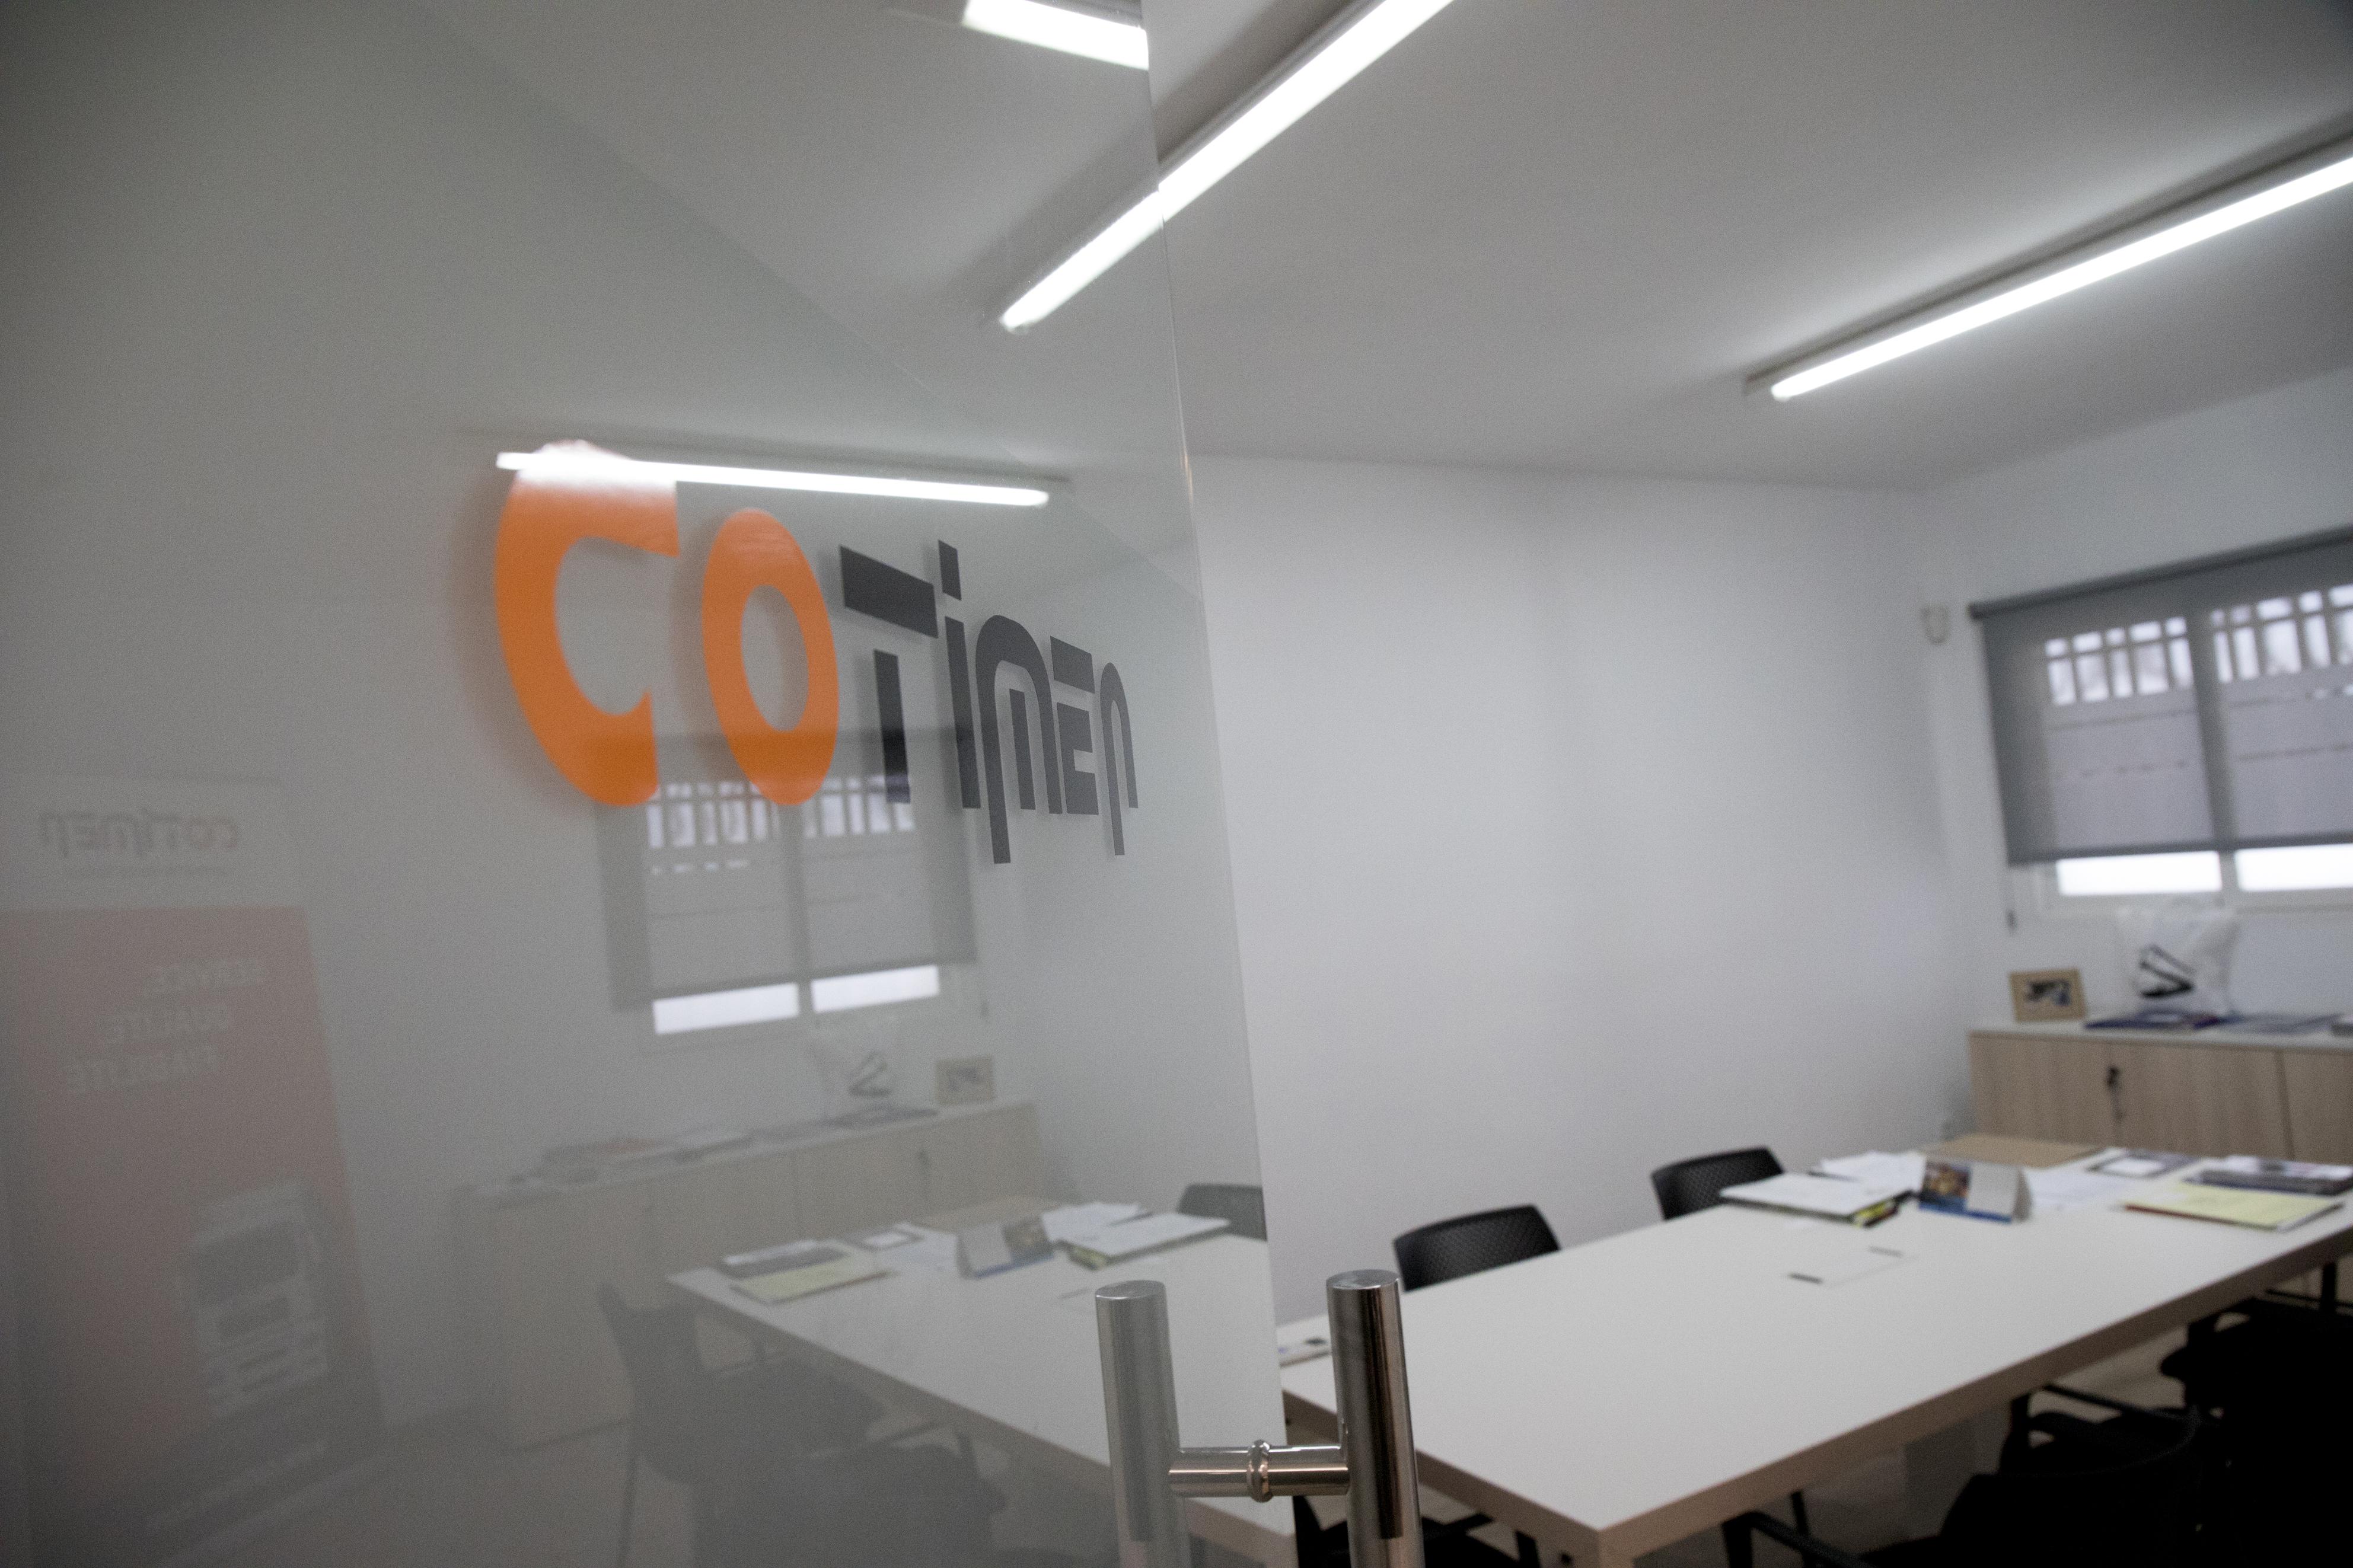 Cotimen-18-1.jpg